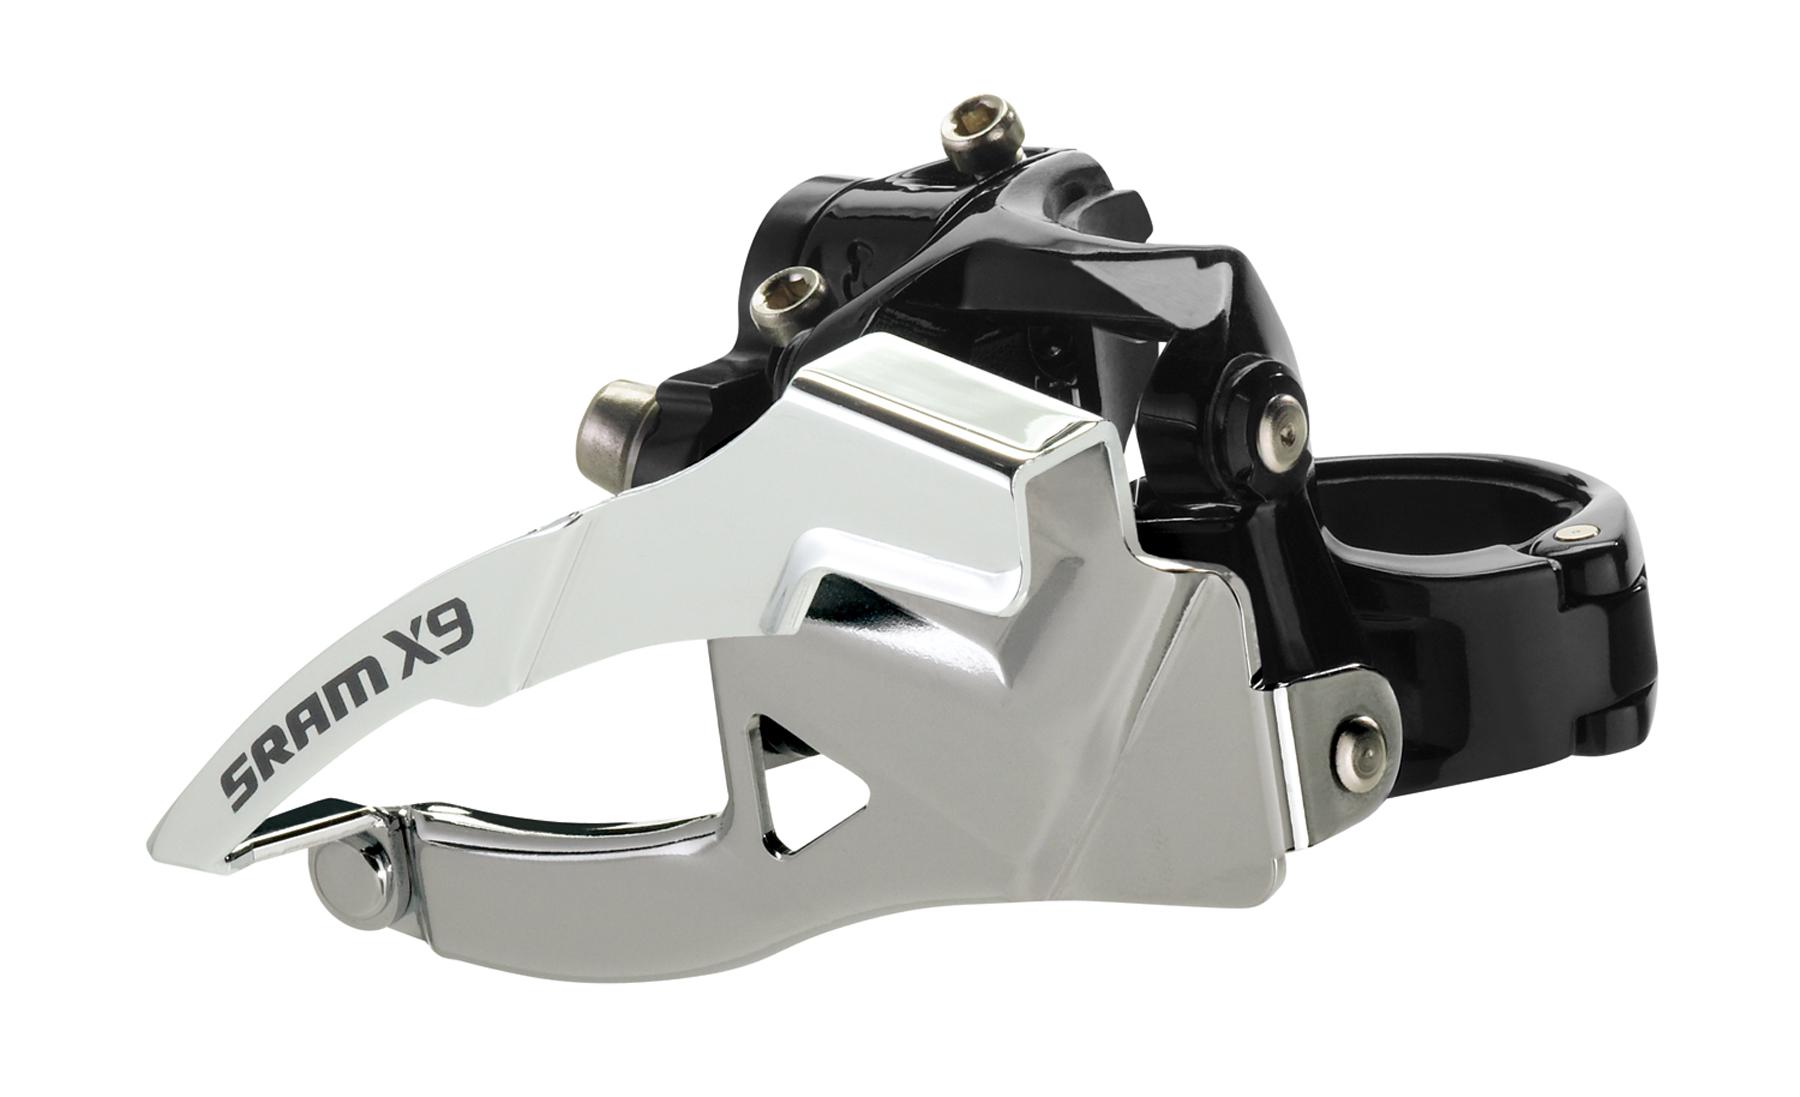 SRAM Front derailleur X9 High clamp Ø34.9 mm 3x10 speed Top pullBlack | Front derailleur